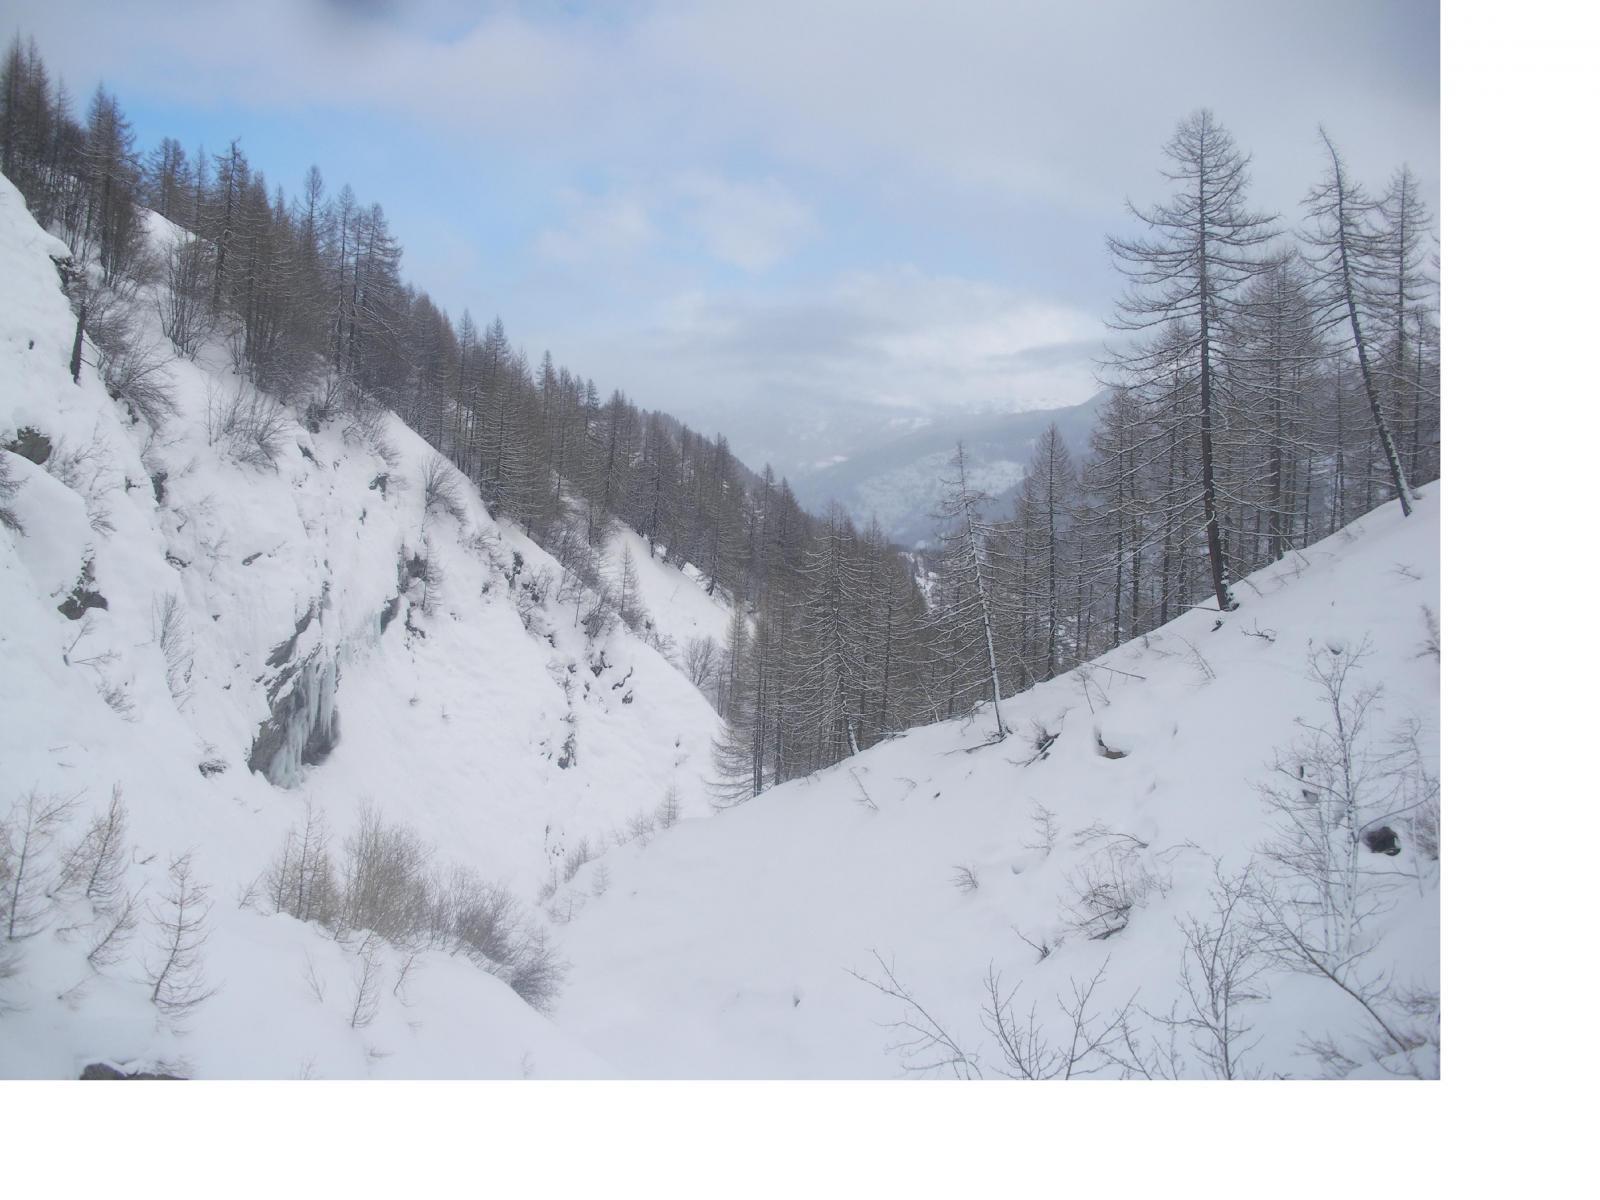 Sisnieres (Monte) o Cresta Nera da Fenils per il vallonedel rio Fenils e la cresta Nord-Est 2014-01-31